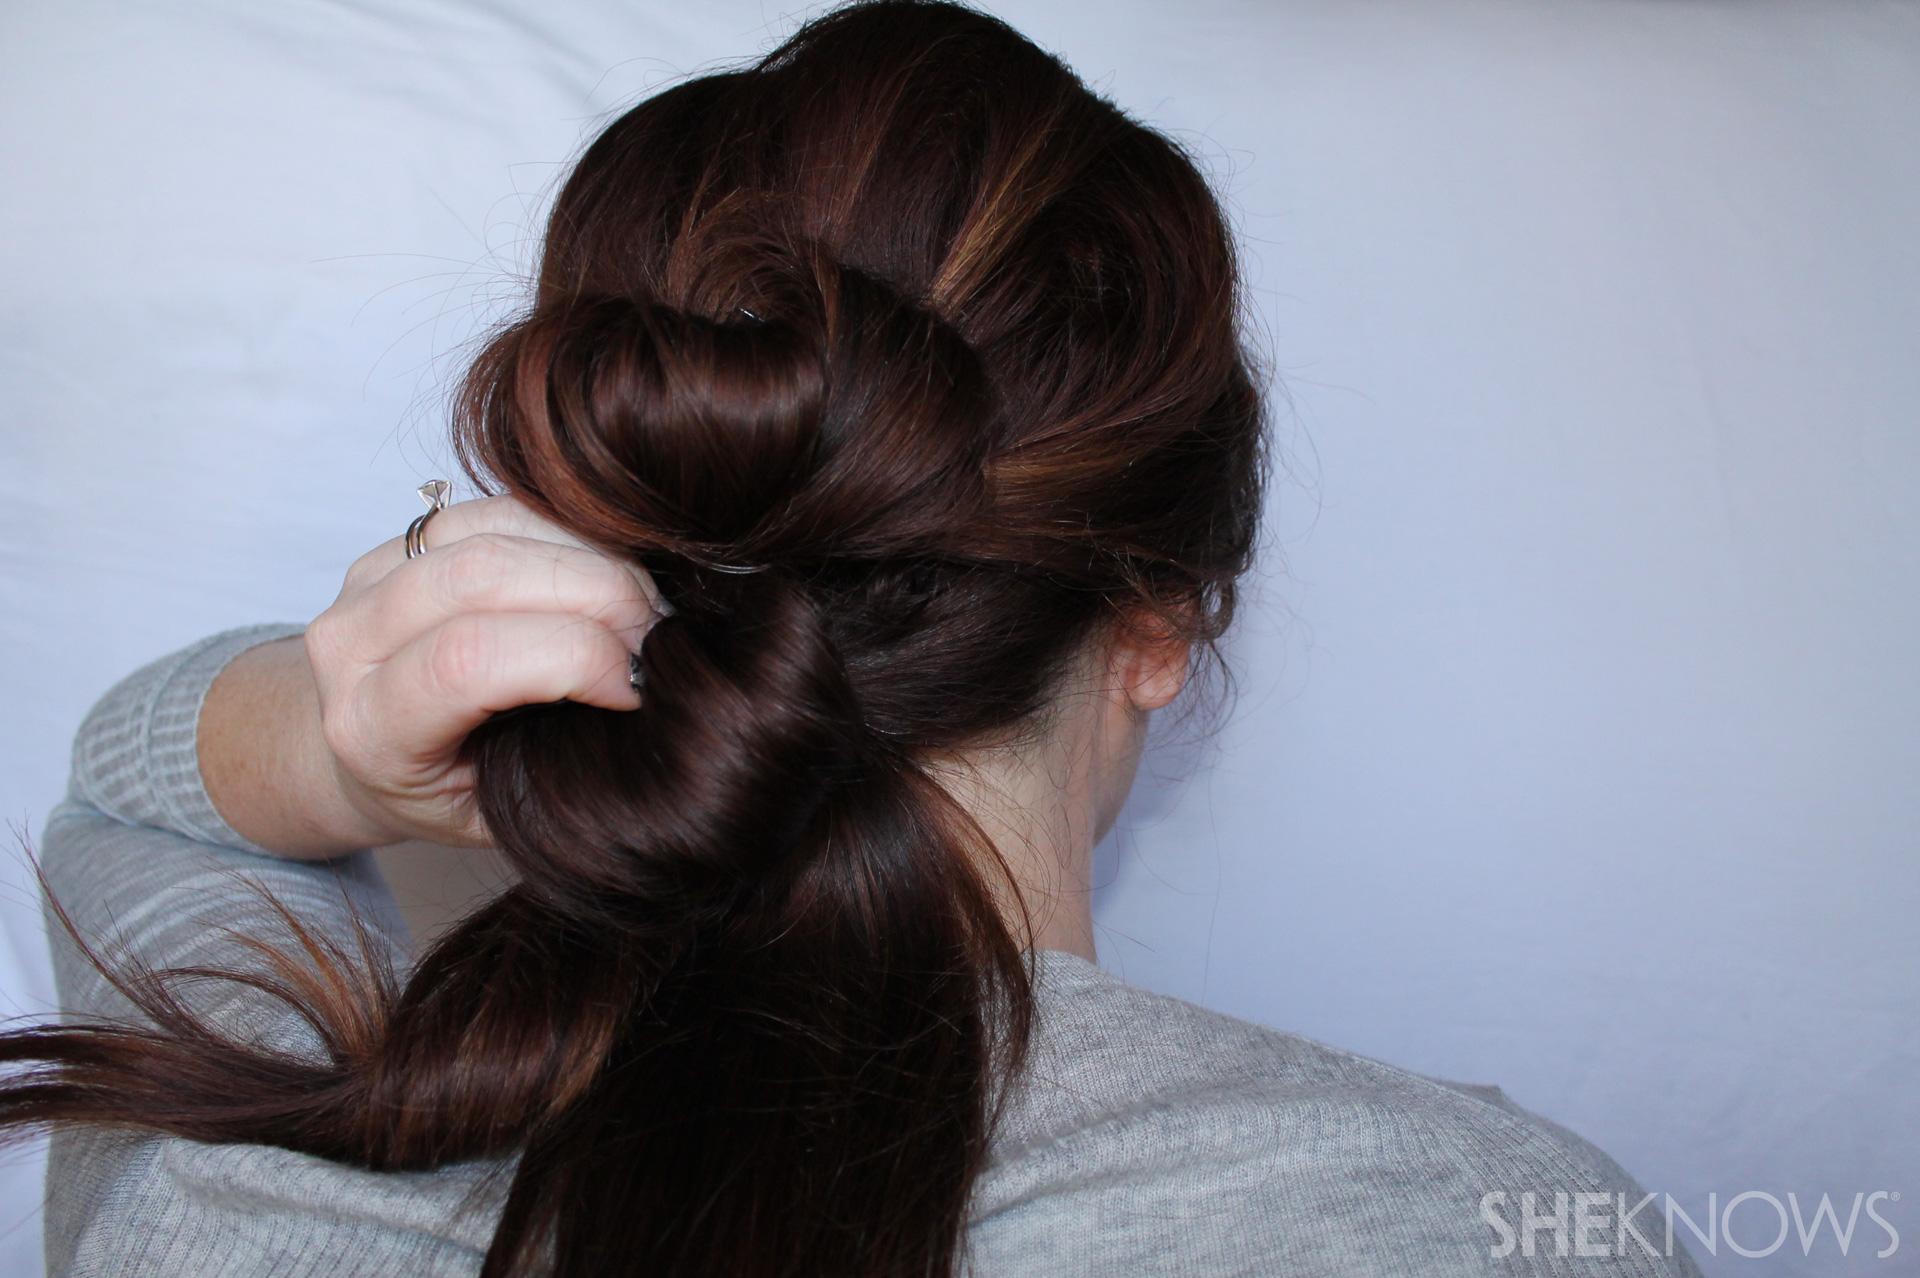 Thin hair tutorial | Sheknows.com - step 11